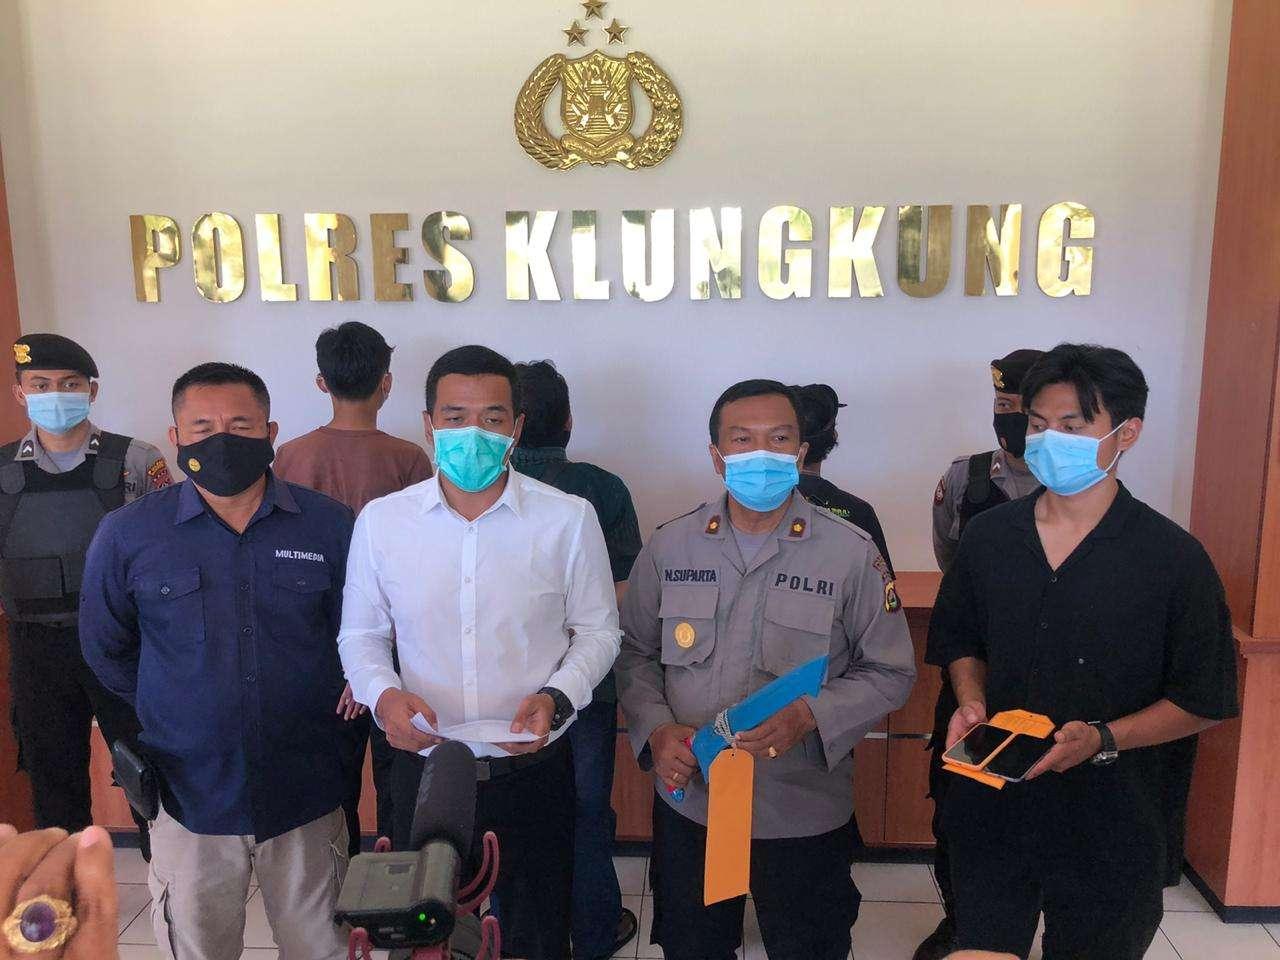 Polres Klungkung Press Release Kasus Perkelahian Tanding dan Penganiayaan